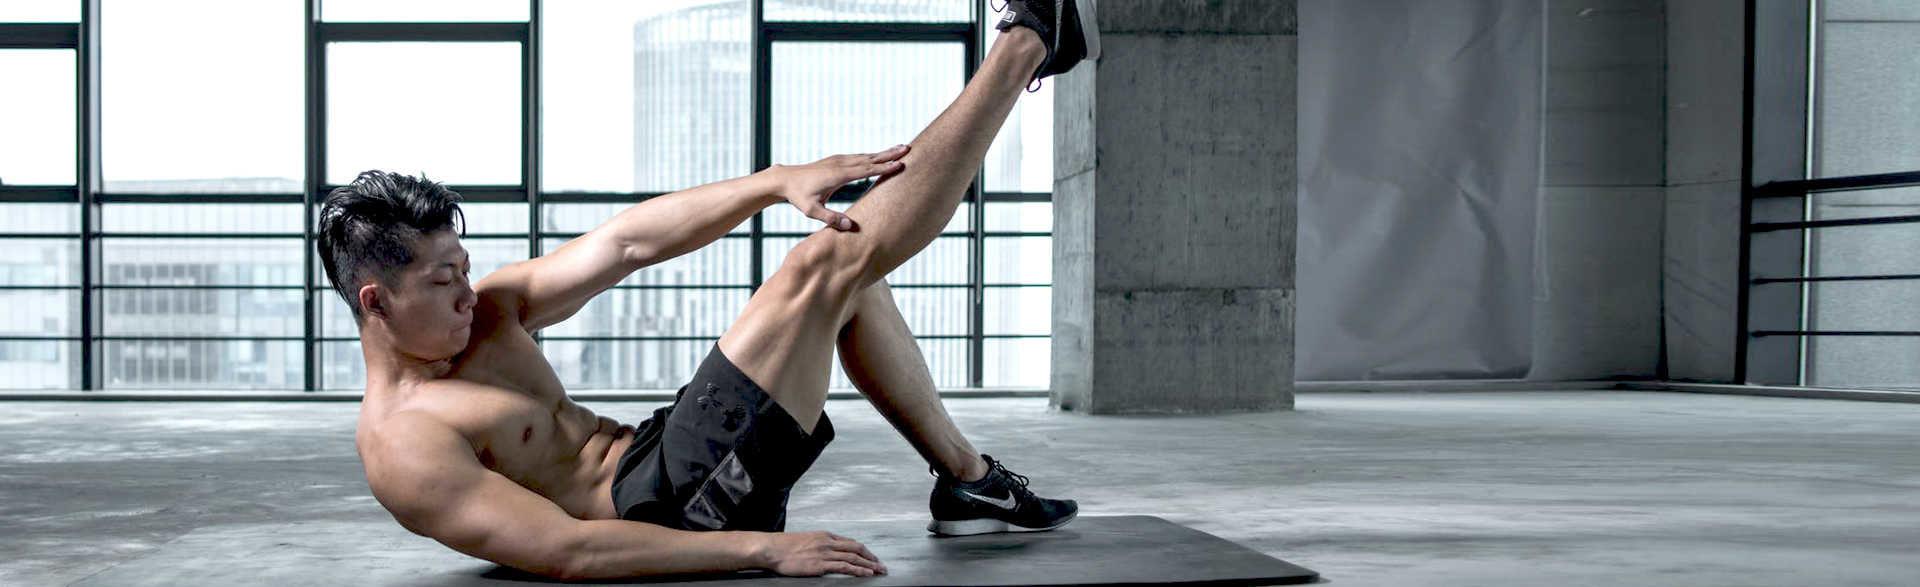 Тренировка для ног: комплекс упражнений и рекомендации - изображение 2